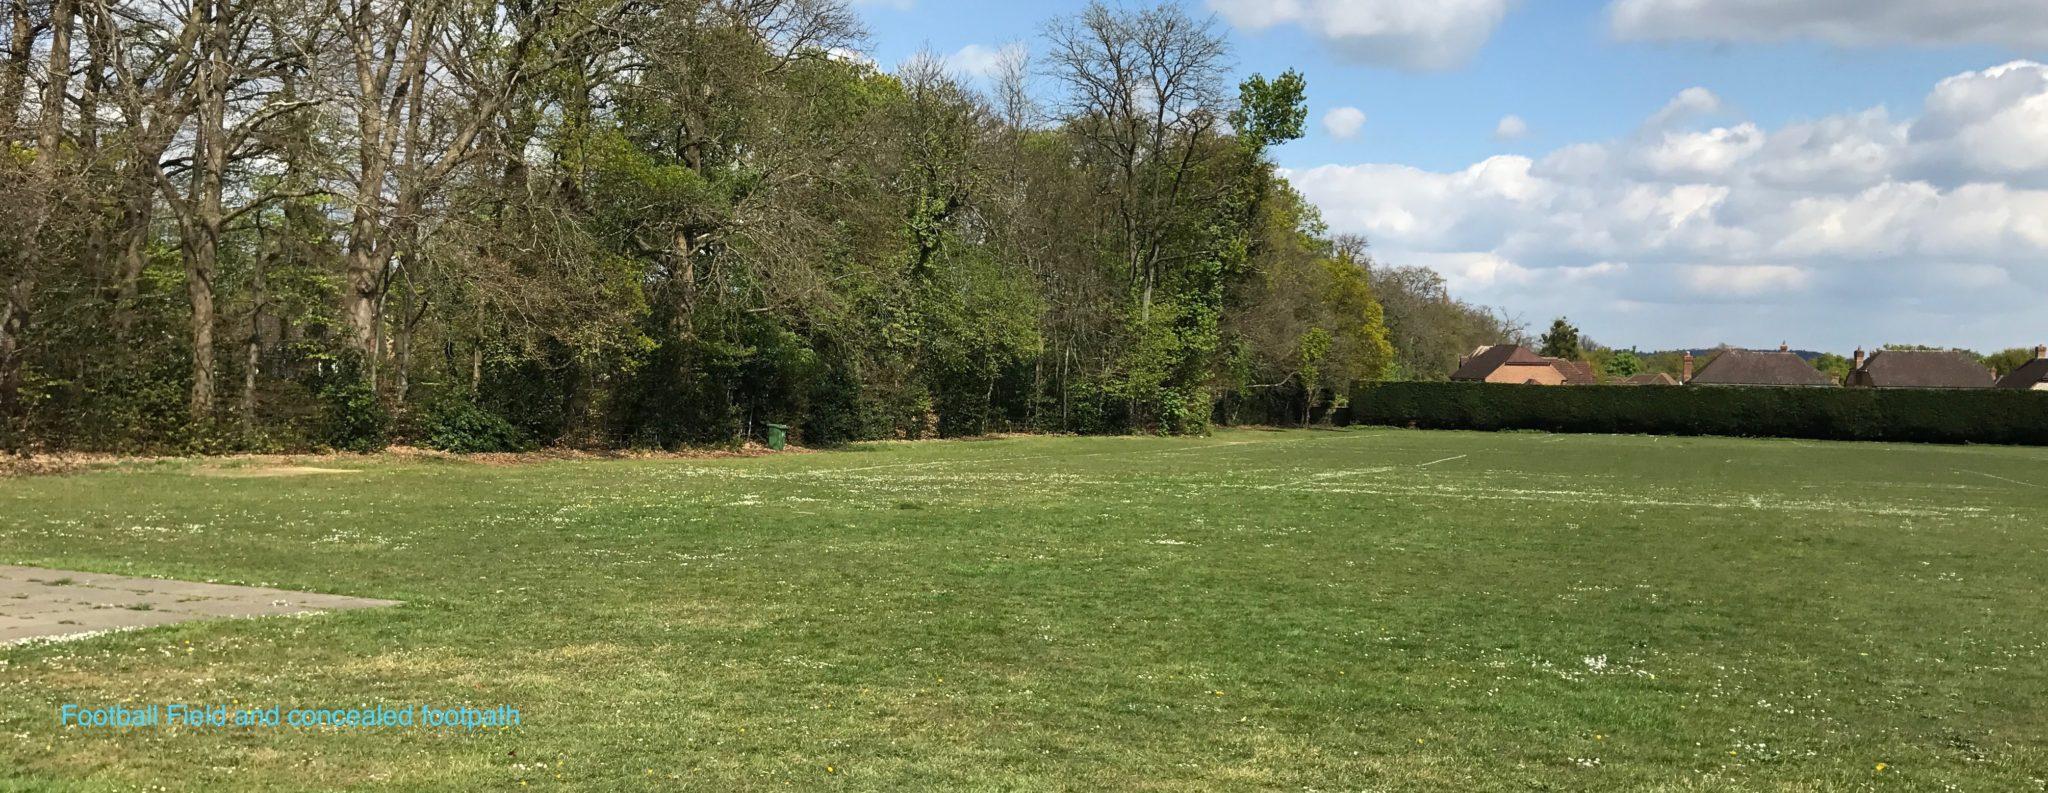 Football field at Bagshot